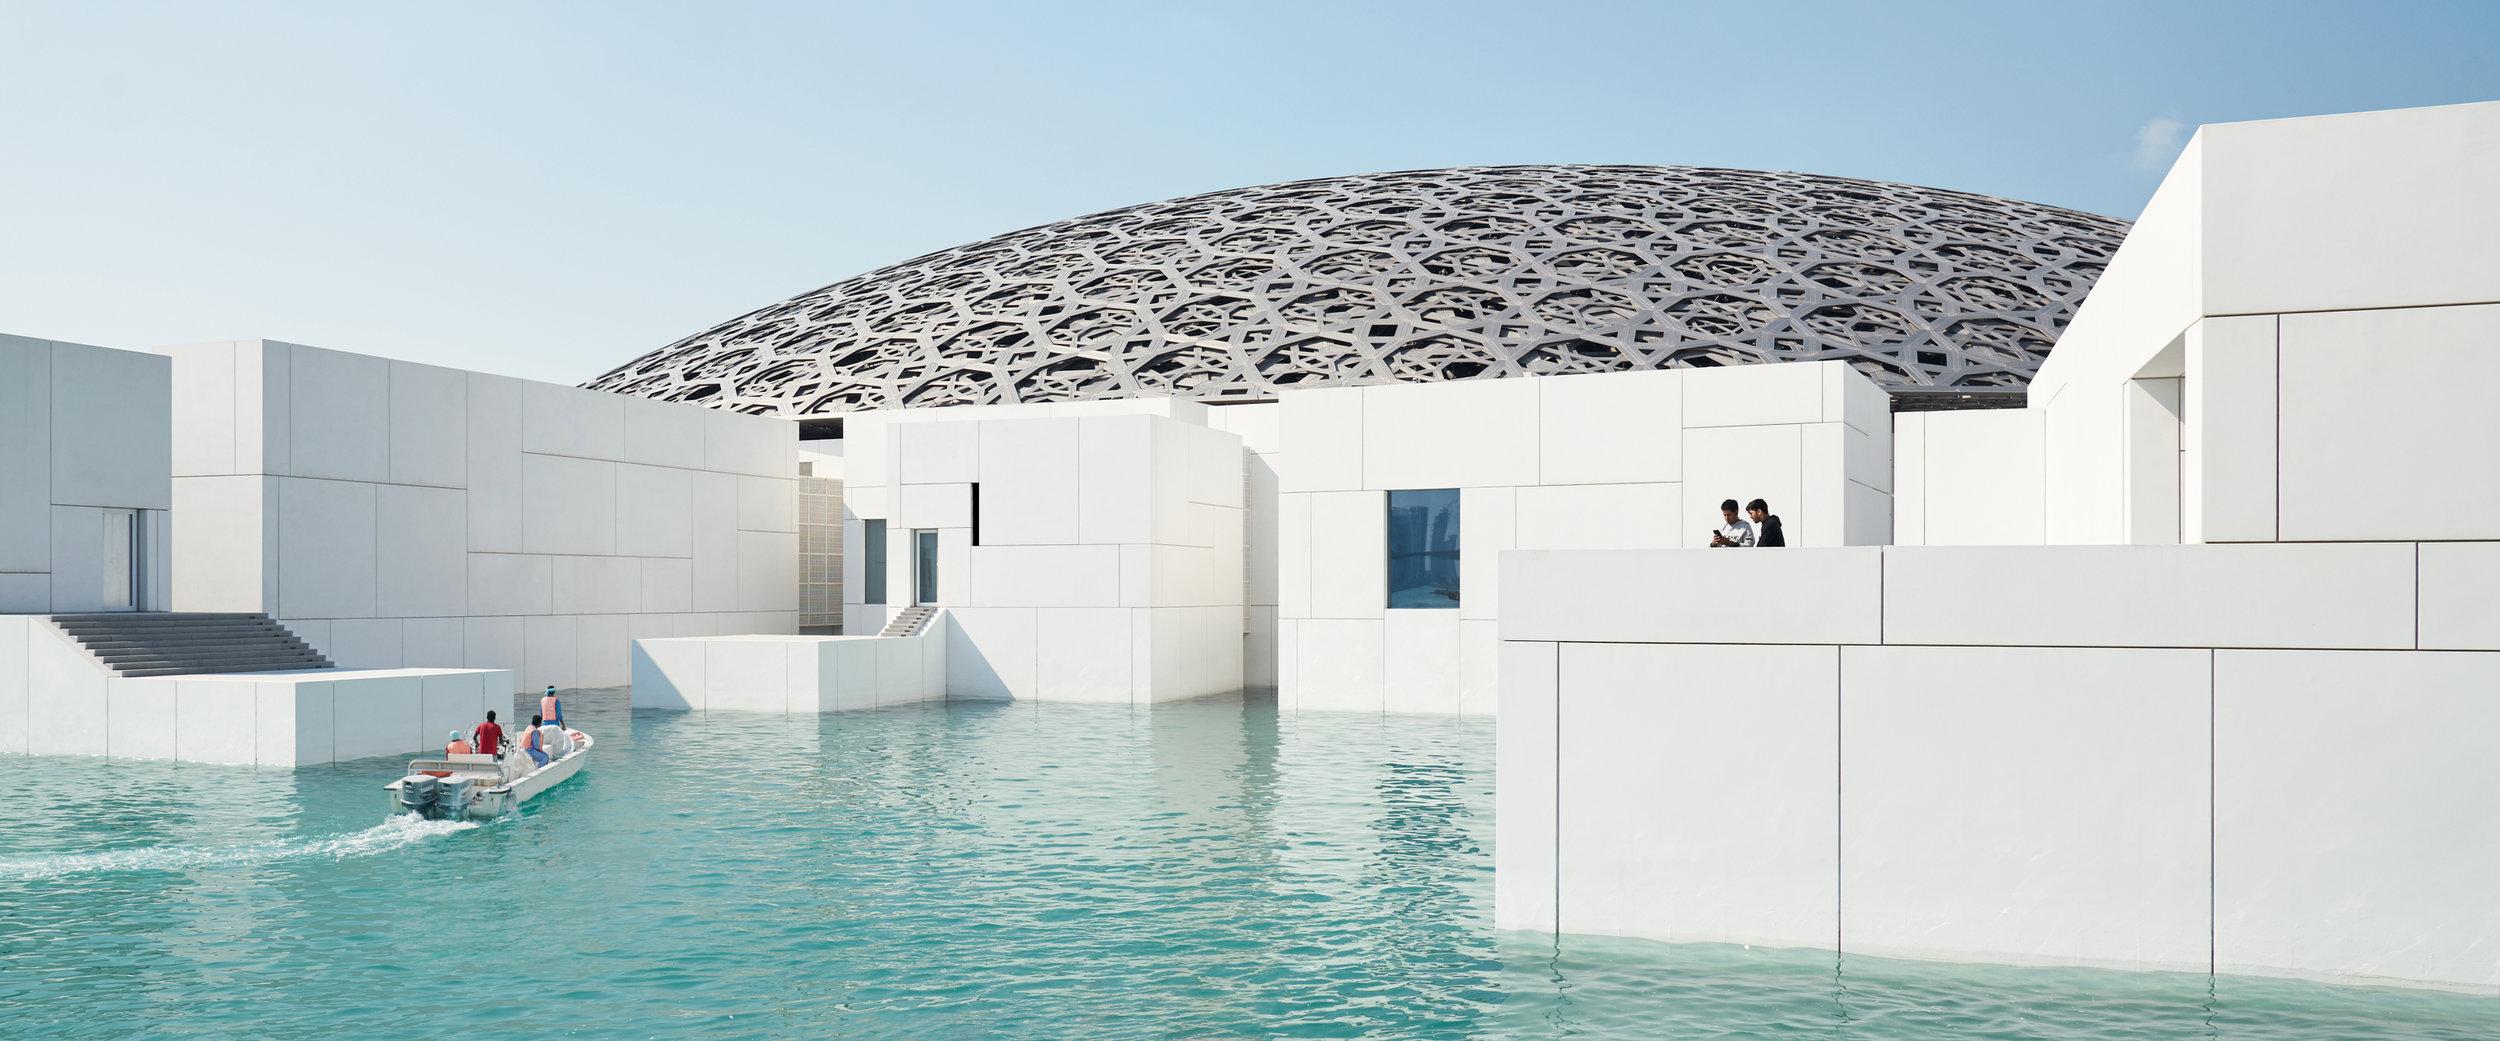 Le Louvre Abu Dhabi<br><GridTitle>Jean Nouvel</GridTitle>